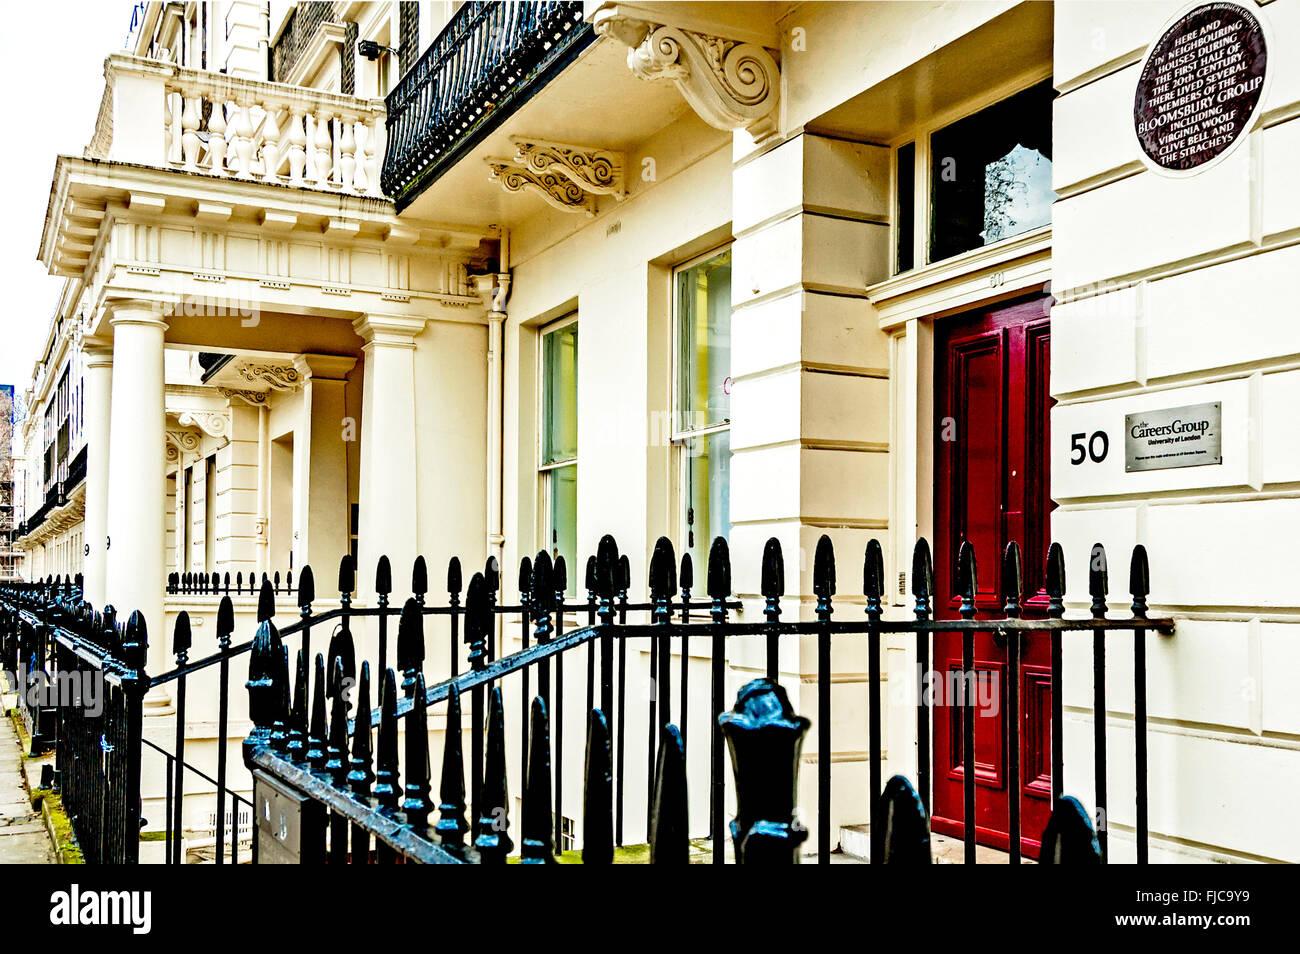 Maisons dans la zone Bloomsbury de Londres; Haeuser à Bloomsbury Banque D'Images